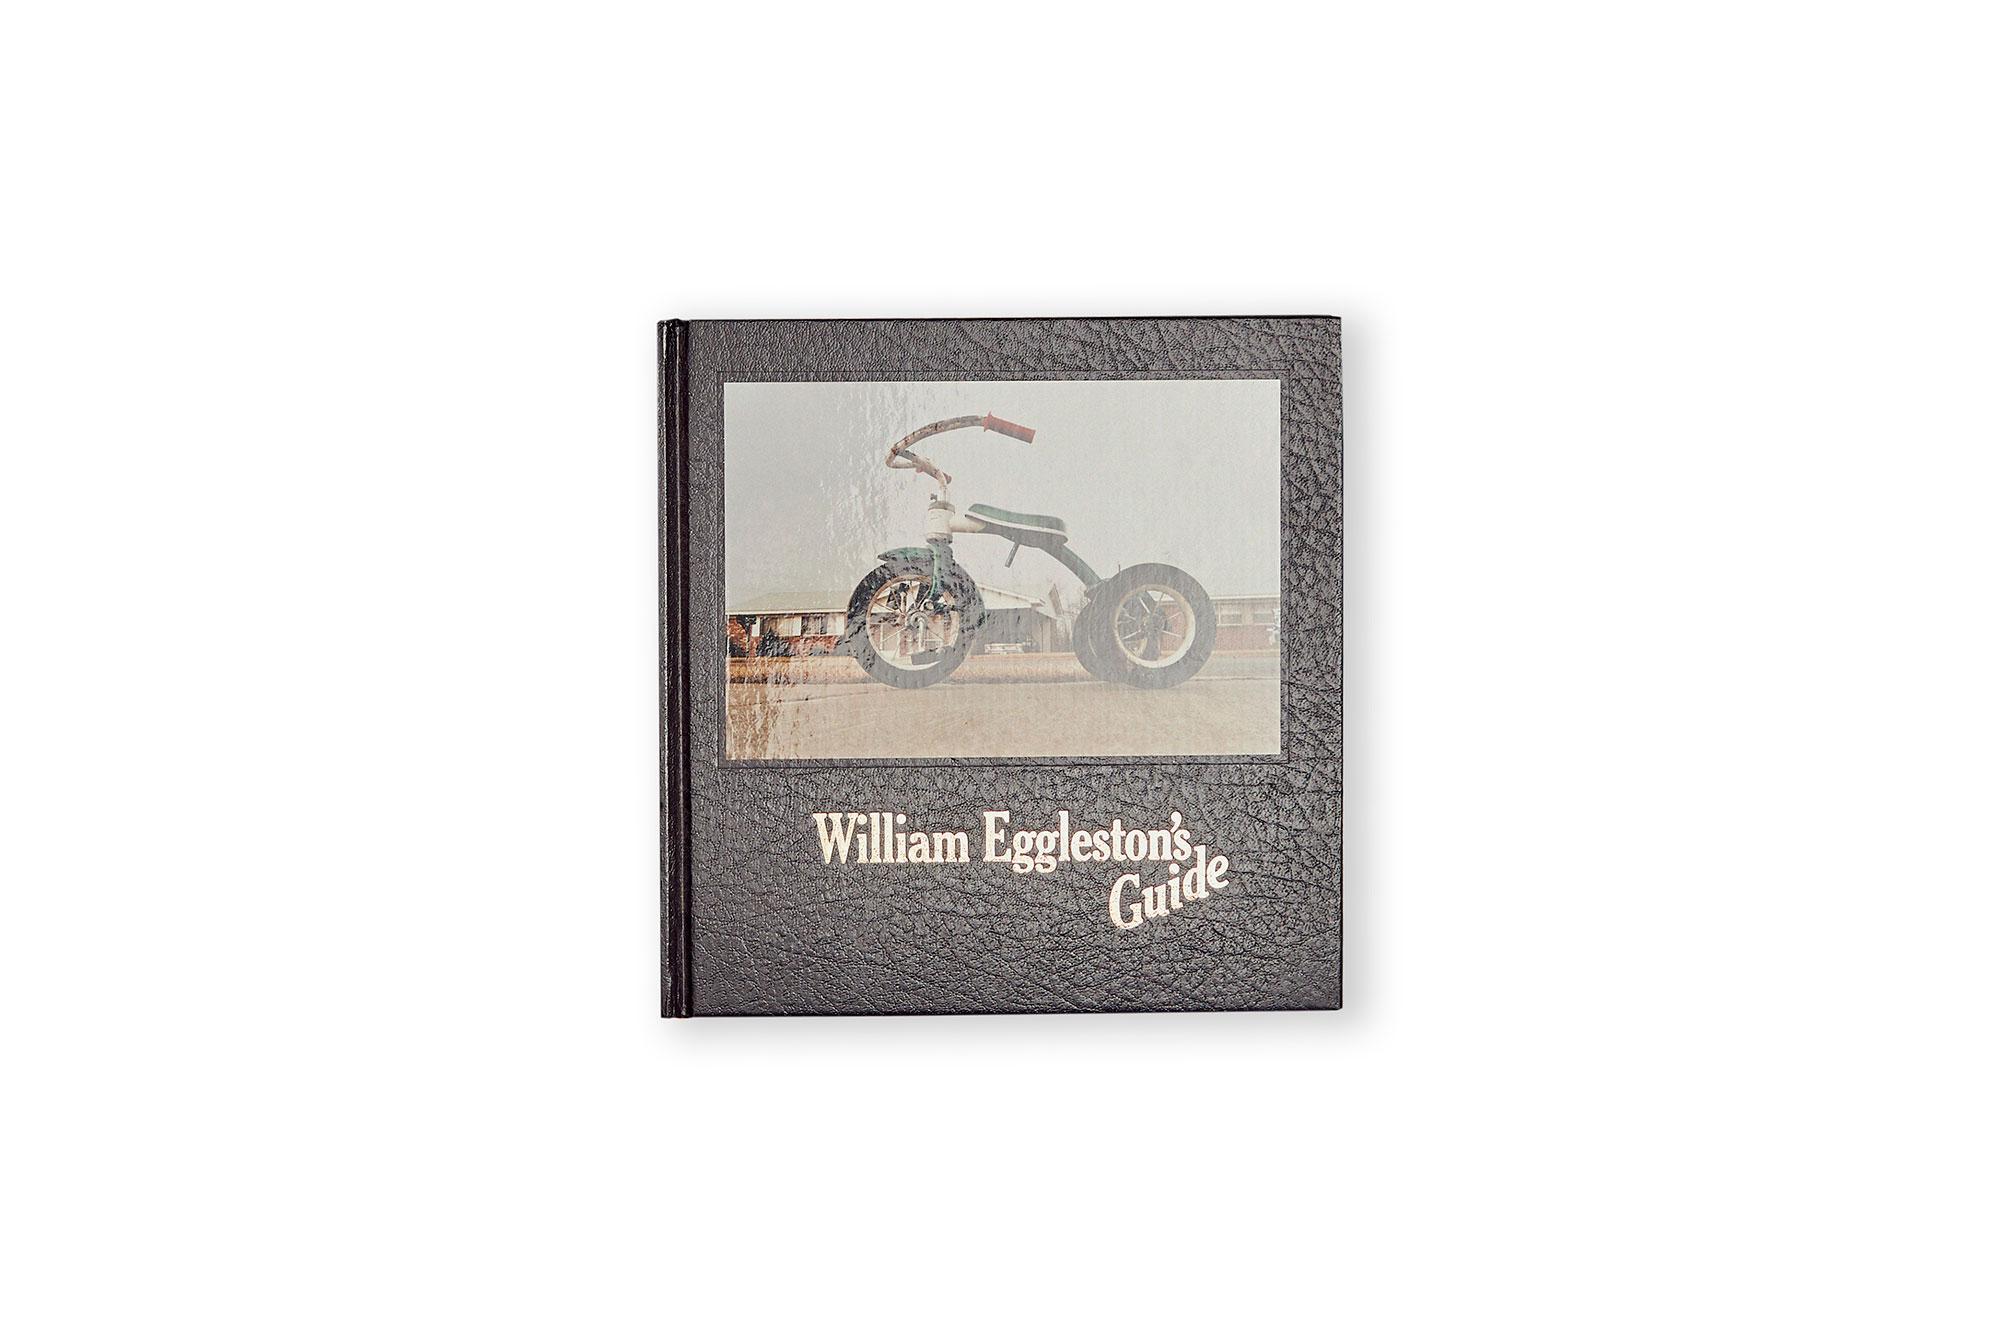 WILLIAM EGGLESTON'S GUIDE.